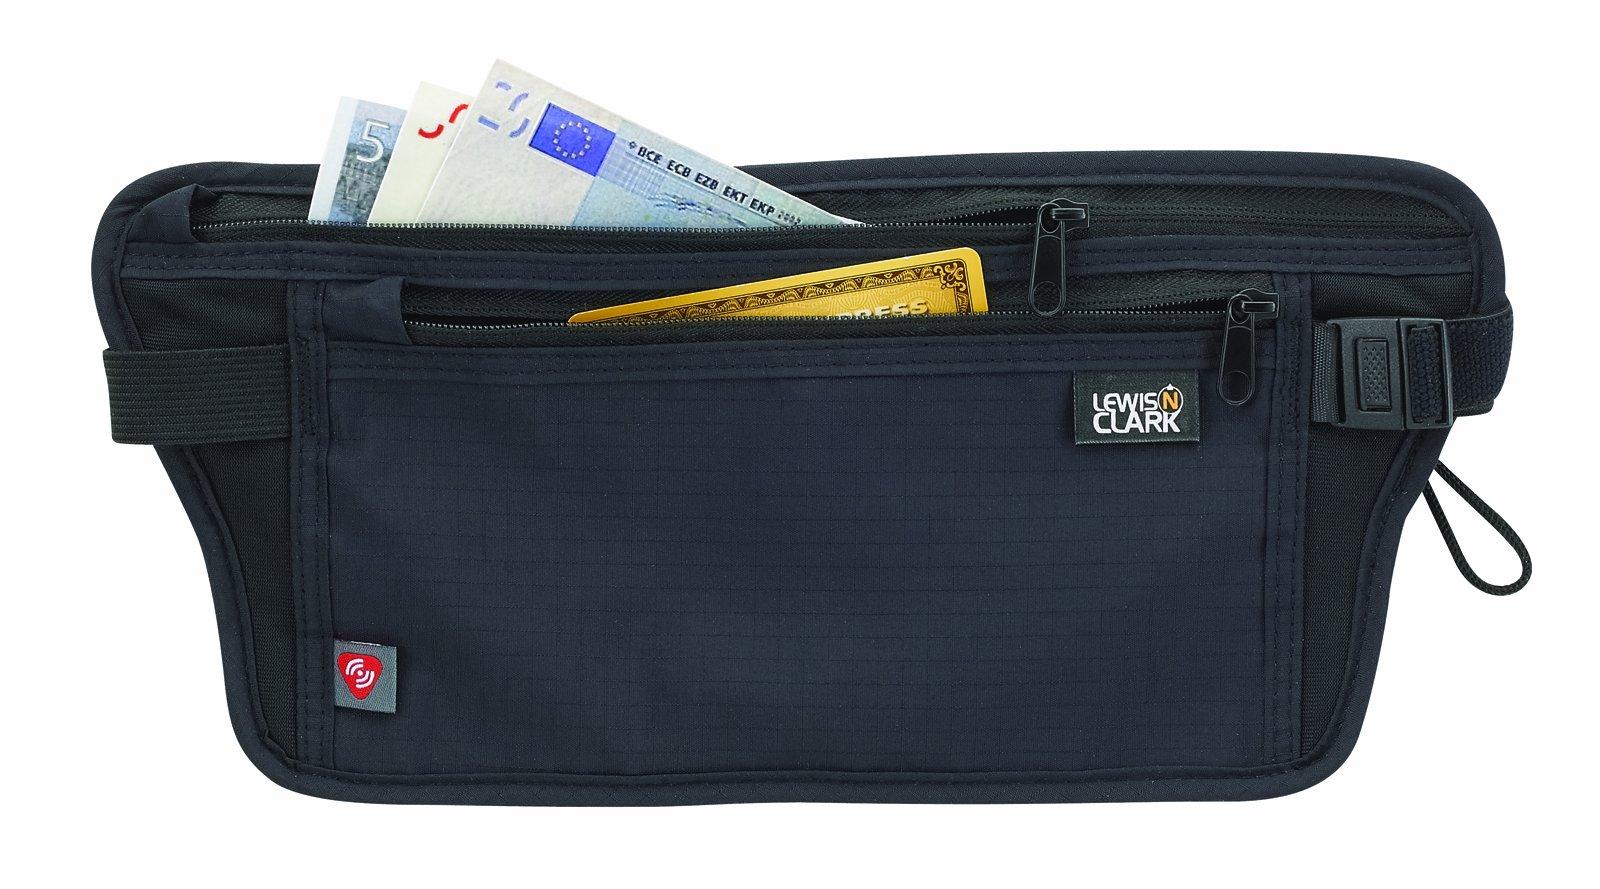 Lewis N. Clark RFID-Blocking Waist Stash Anti-Theft Hidden Money Belt, Black, One Size